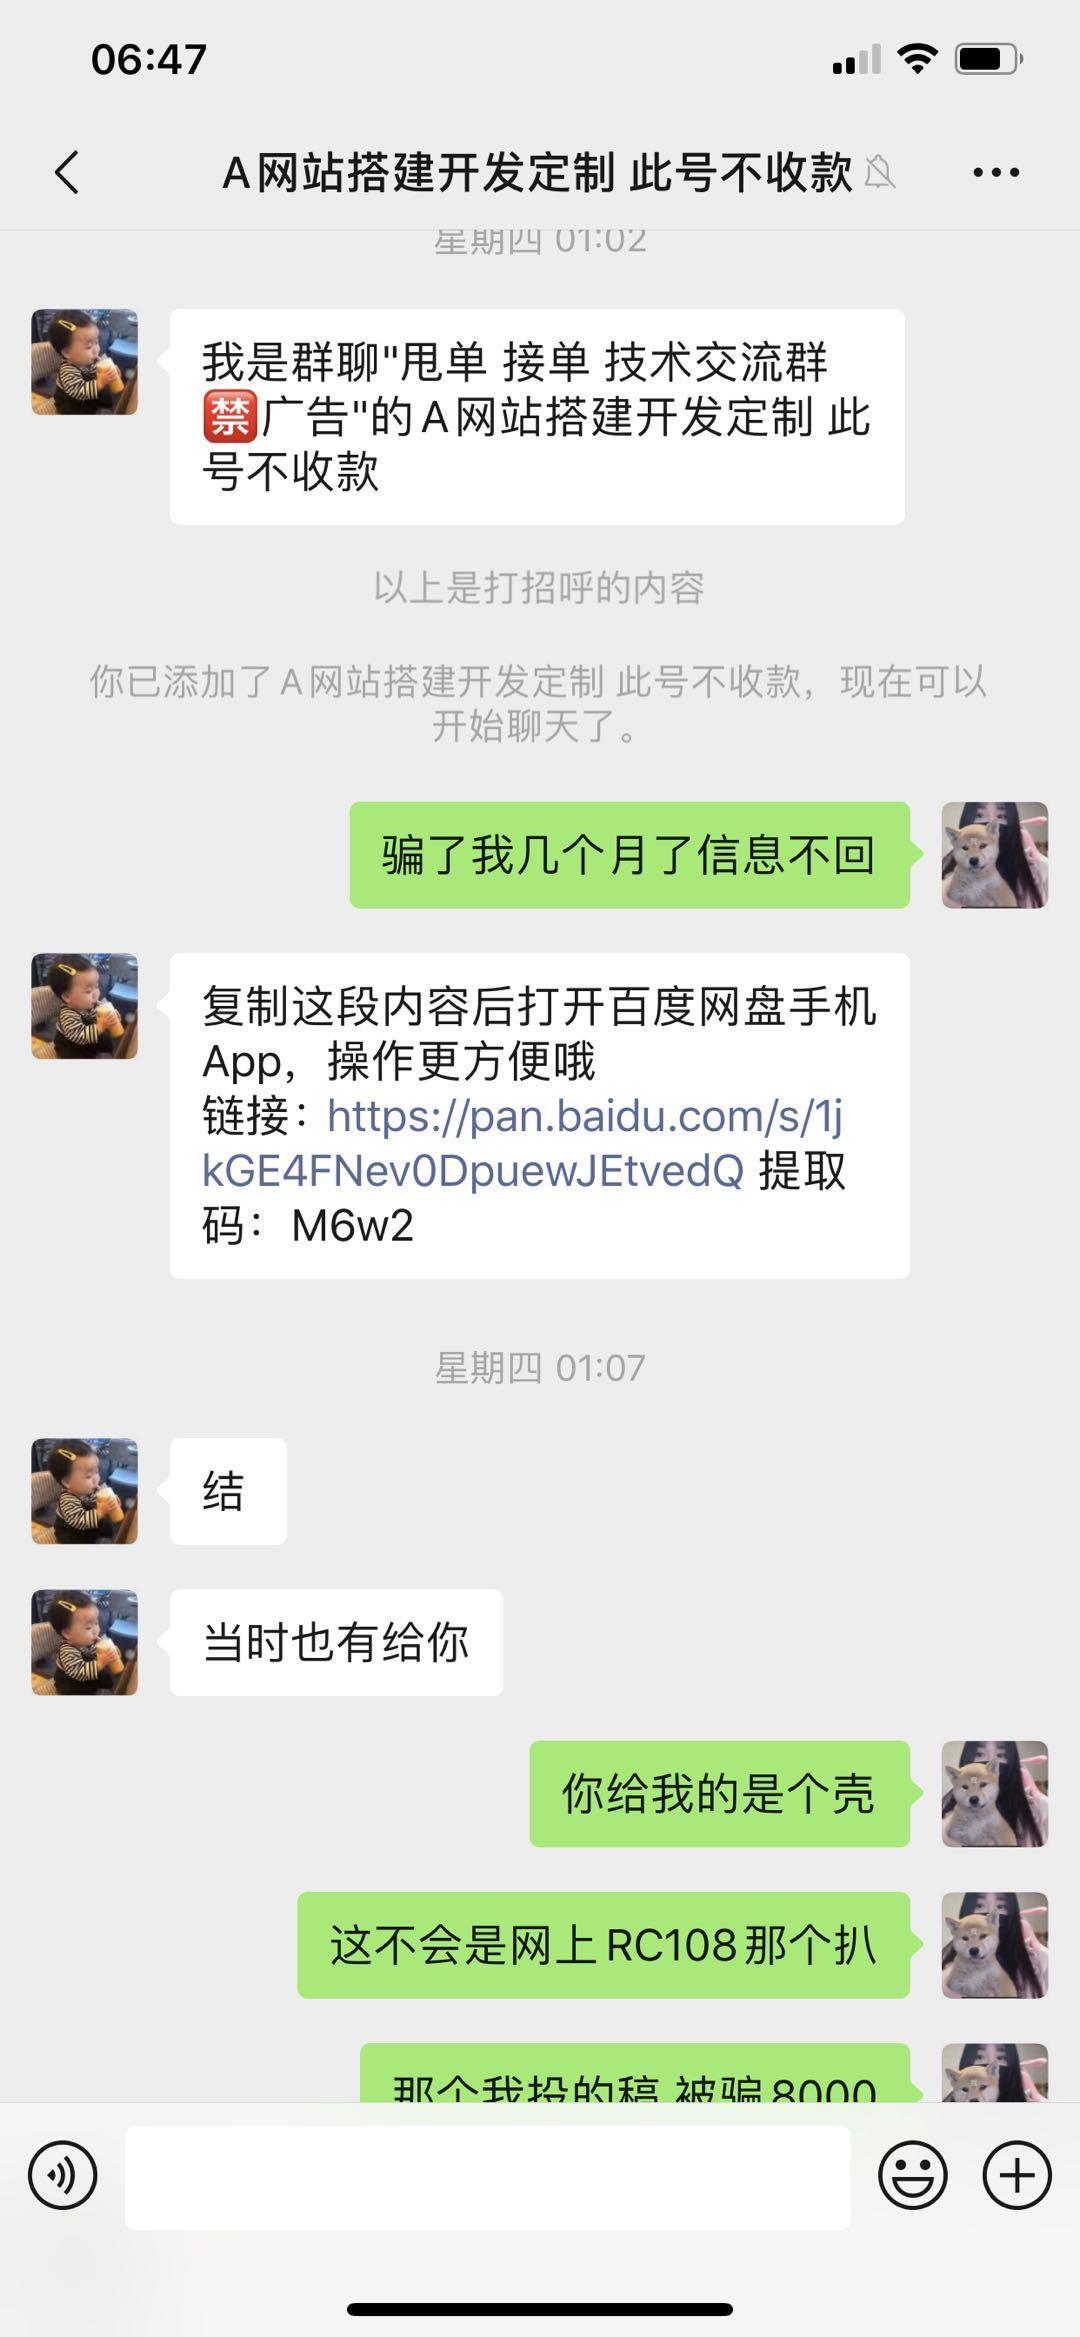 QQ2032850667骗子举报,举报骗子QQ2500337778,骗子信息公布-V5源码网